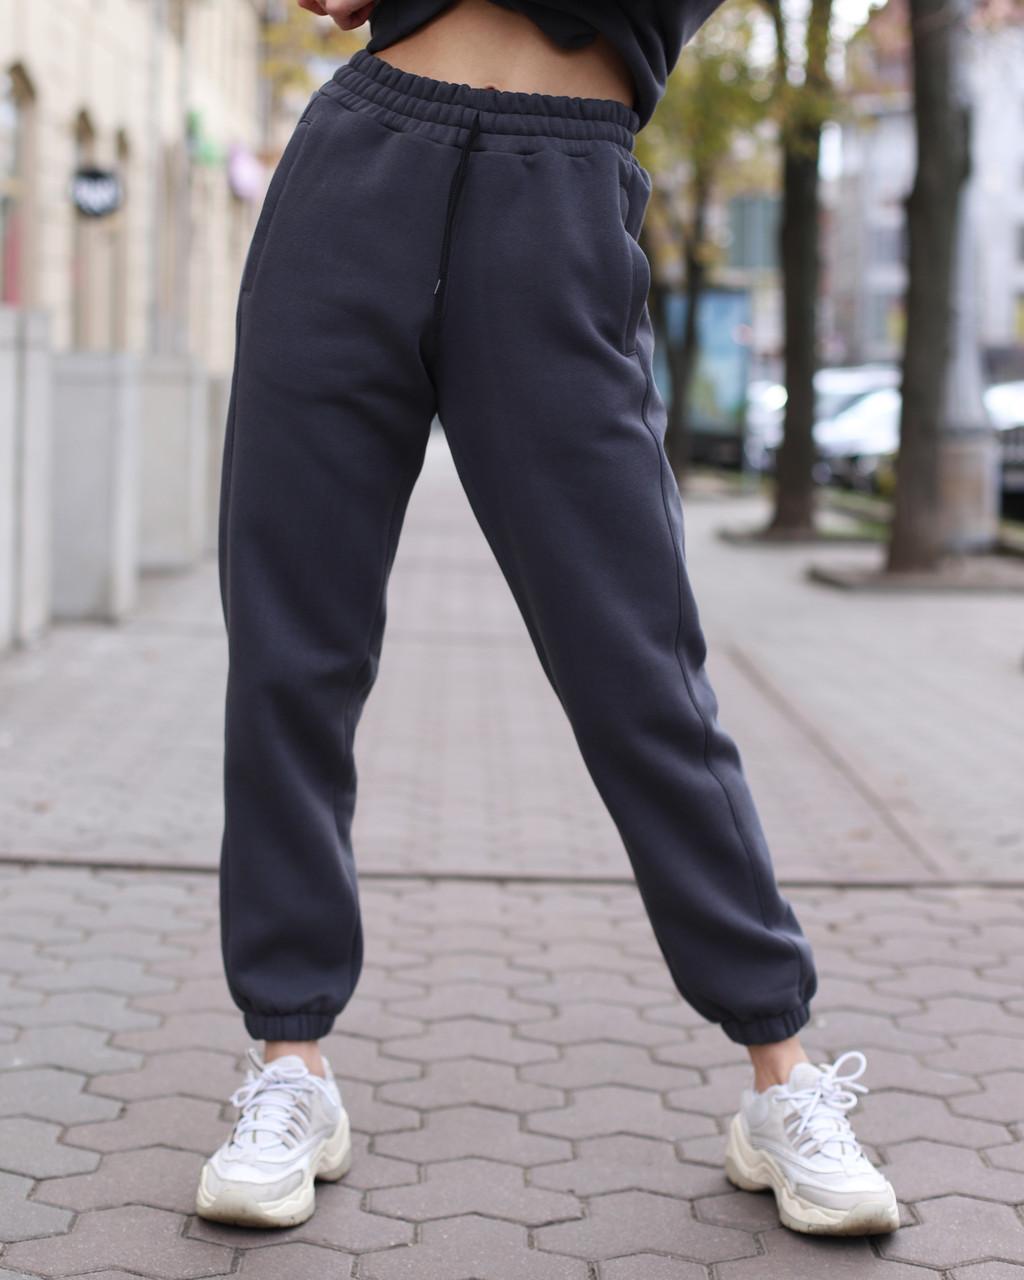 Зимнее спортивные штаны женские в цвете графит Эми от бренда ТУР  размер: XS, S, M L